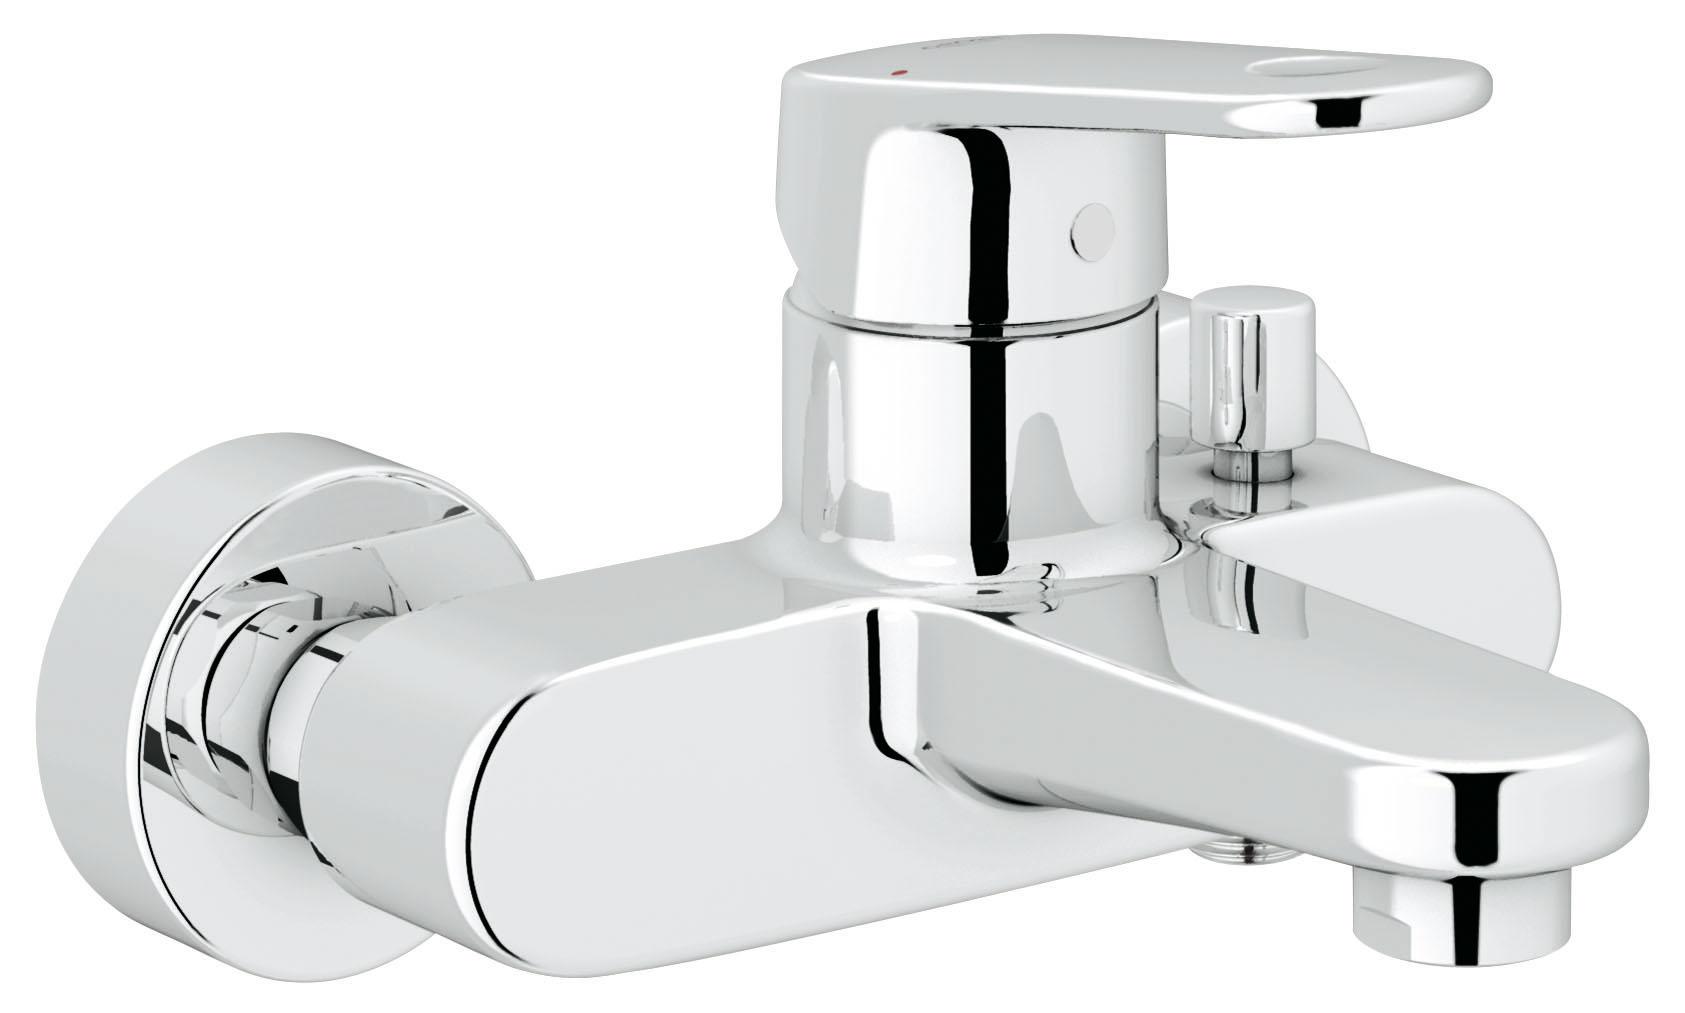 Смеситель для ванны GROHE Europlus (33553002)29098LS3 Настенный монтажМеталлический рычагGROHE SilkMove керамический картридж O 46 ммGROHE StarLight хромированная поверхность Регулировка расхода водыВозможность установки мин. расхода 2,5 л/мин.Автоматический переключатель: ванна/душВстроенный обратный клапан в душевом отводе 1/2?Аэратор с функцией SpeedCleanСкрытые S-образные эксцентрикиОграничитель температурыС защитой от обратного потокаВидео по установке является исключительно информационным. Установка должна проводиться профессионалами!